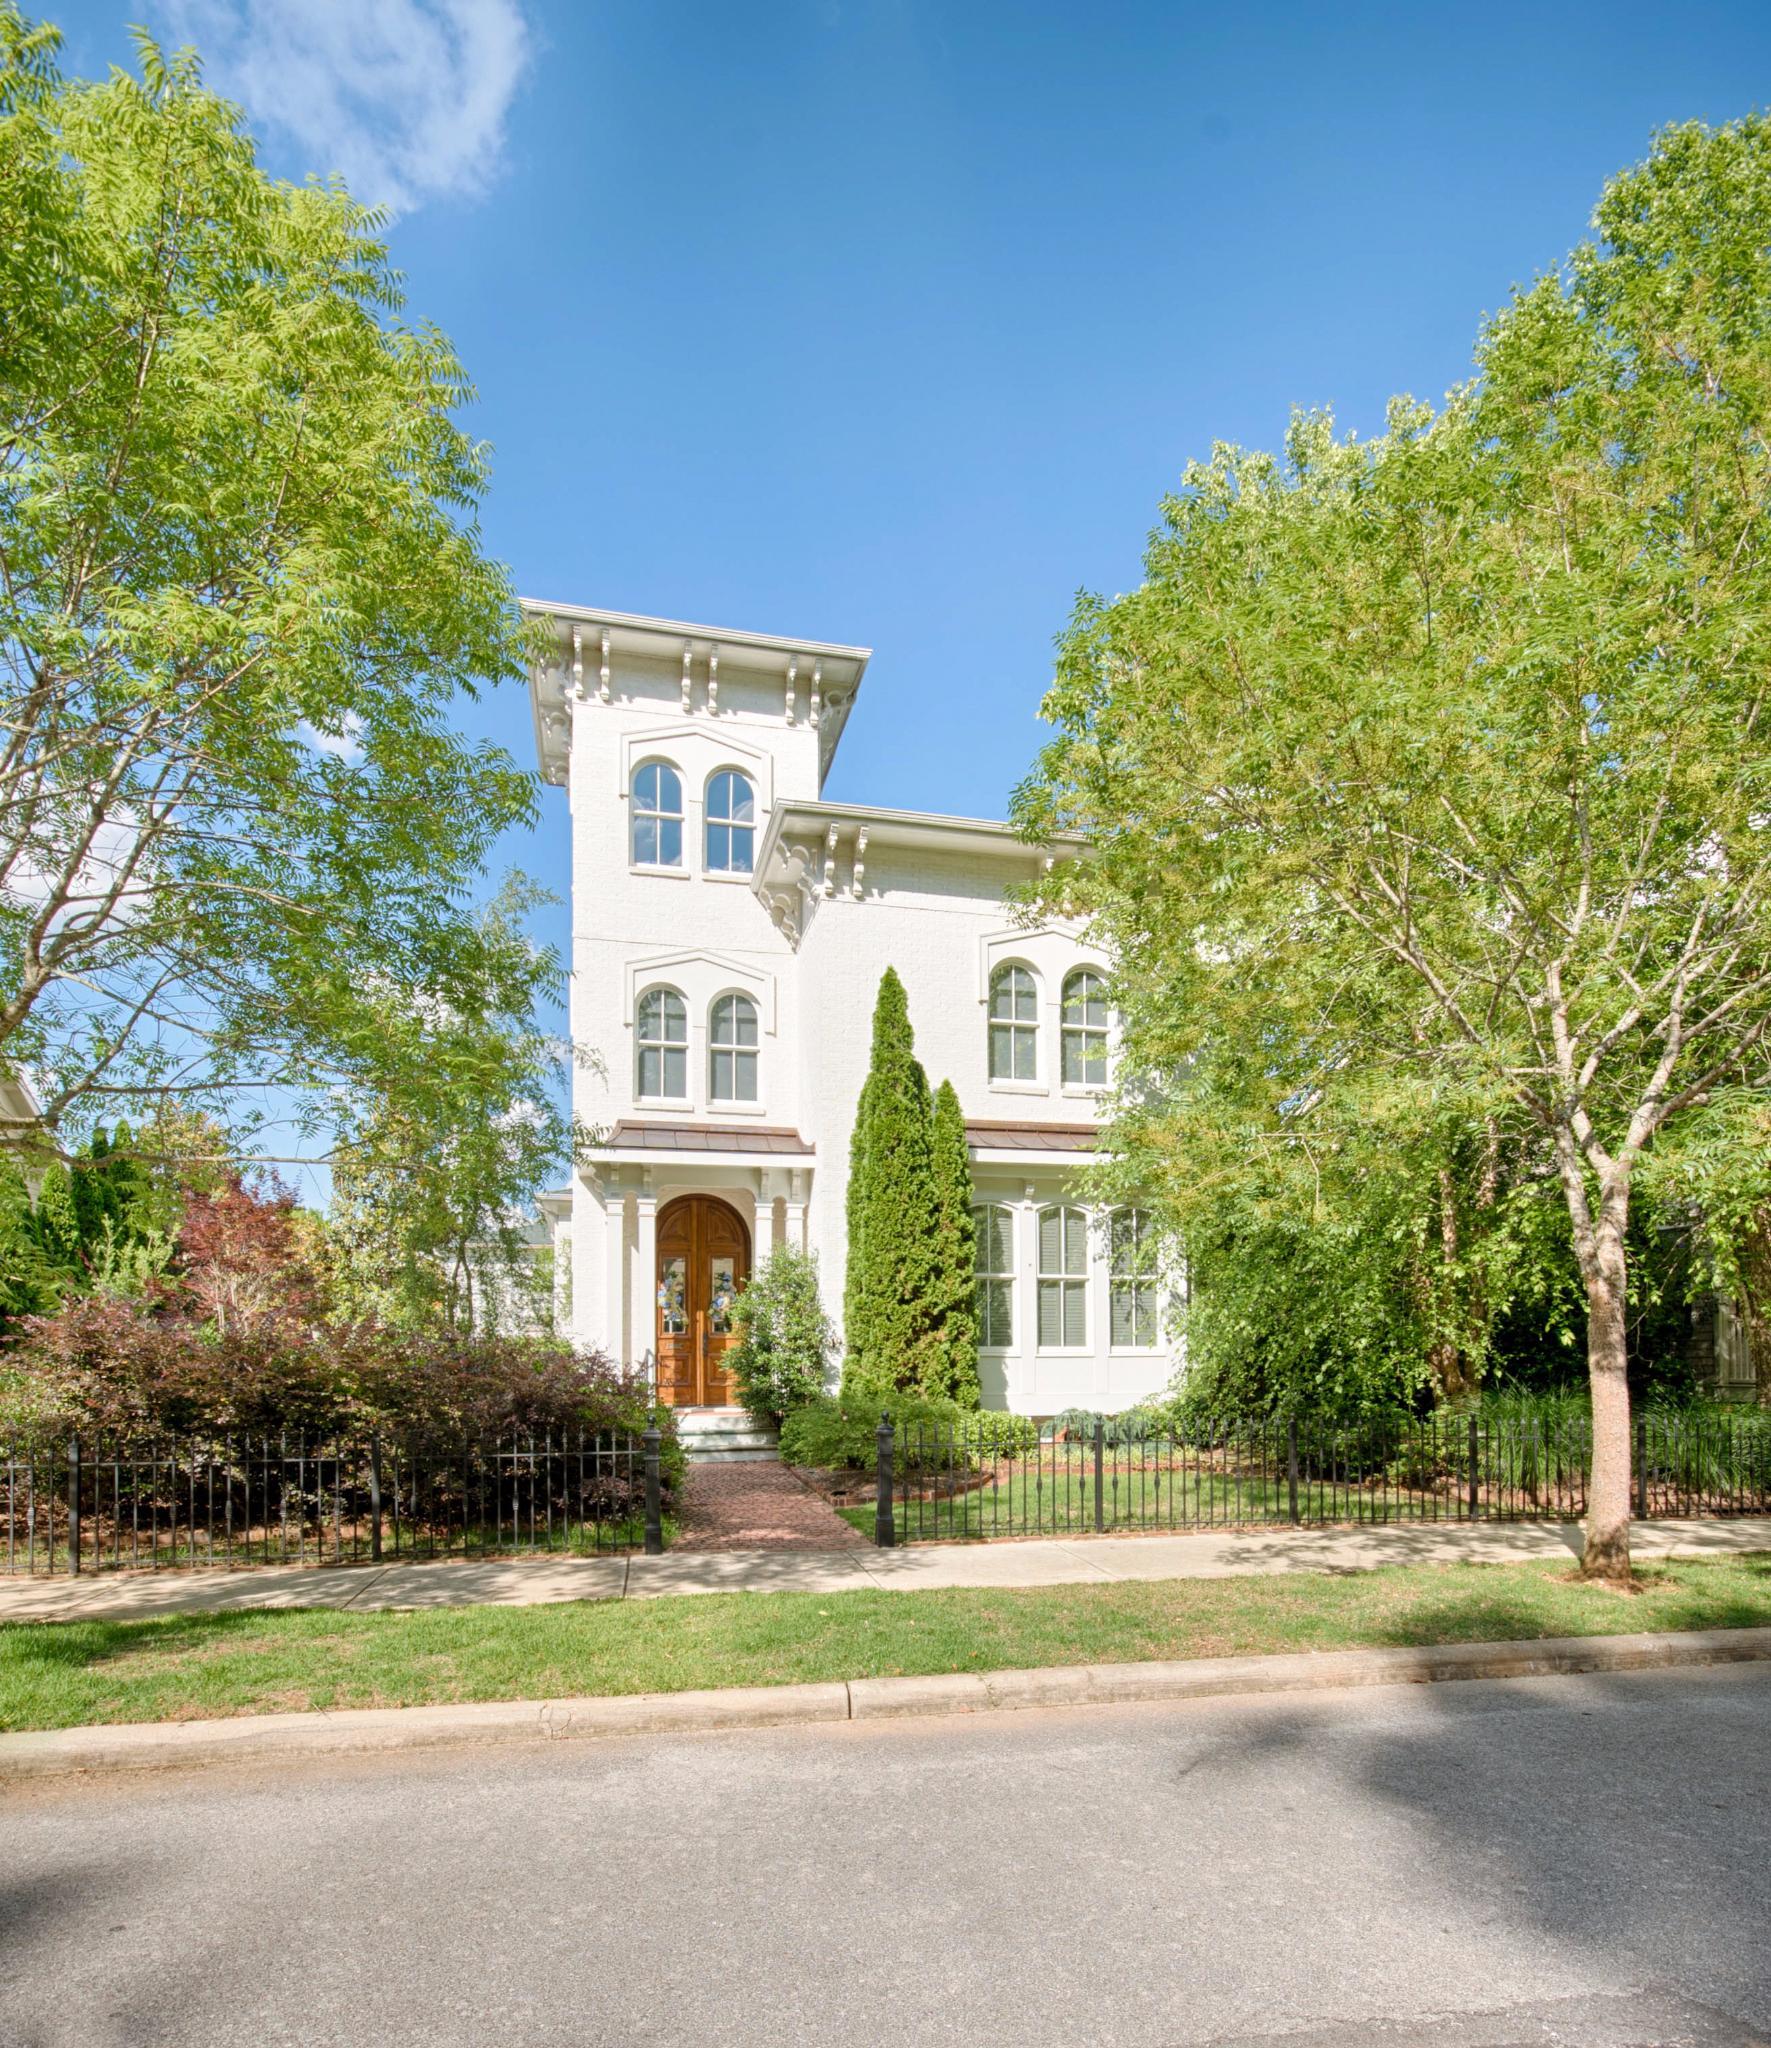 Apartments Huntsville Al: Huntsville, AL New Homes & Apartments